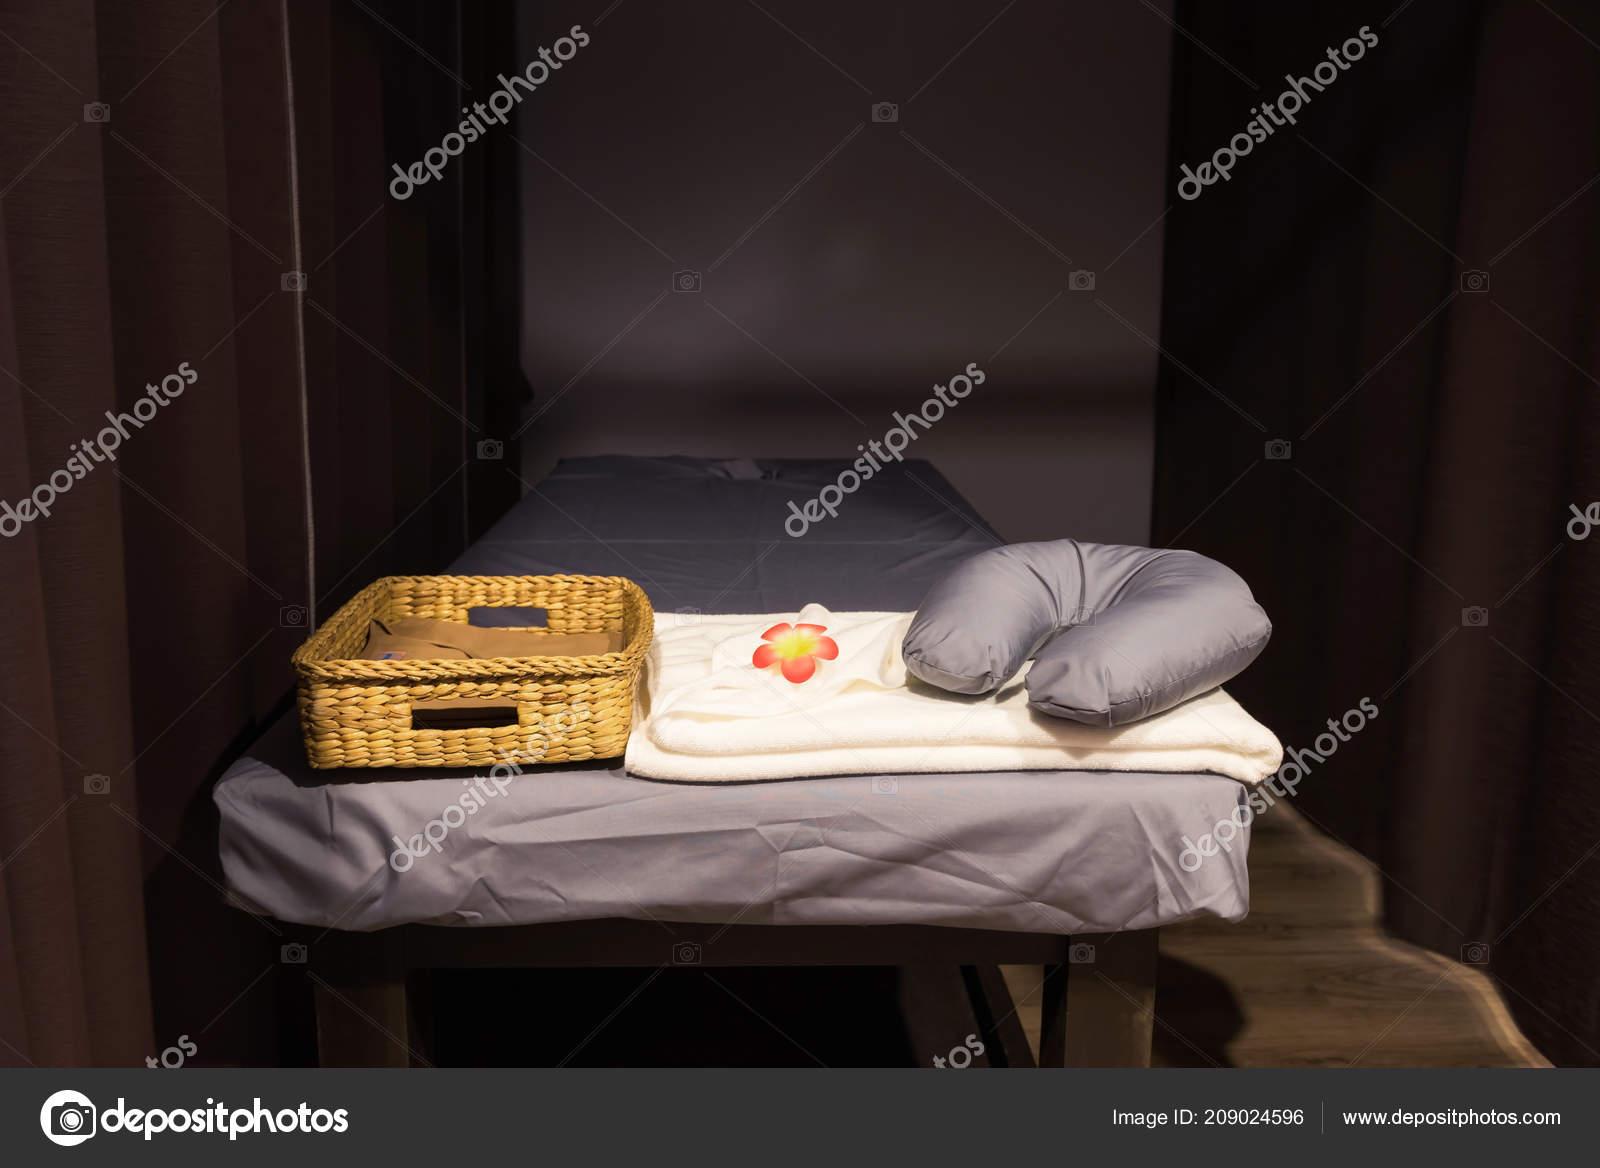 Base Della Stazione Termale Massaggio Thai Oil Con Telo Collo Foto